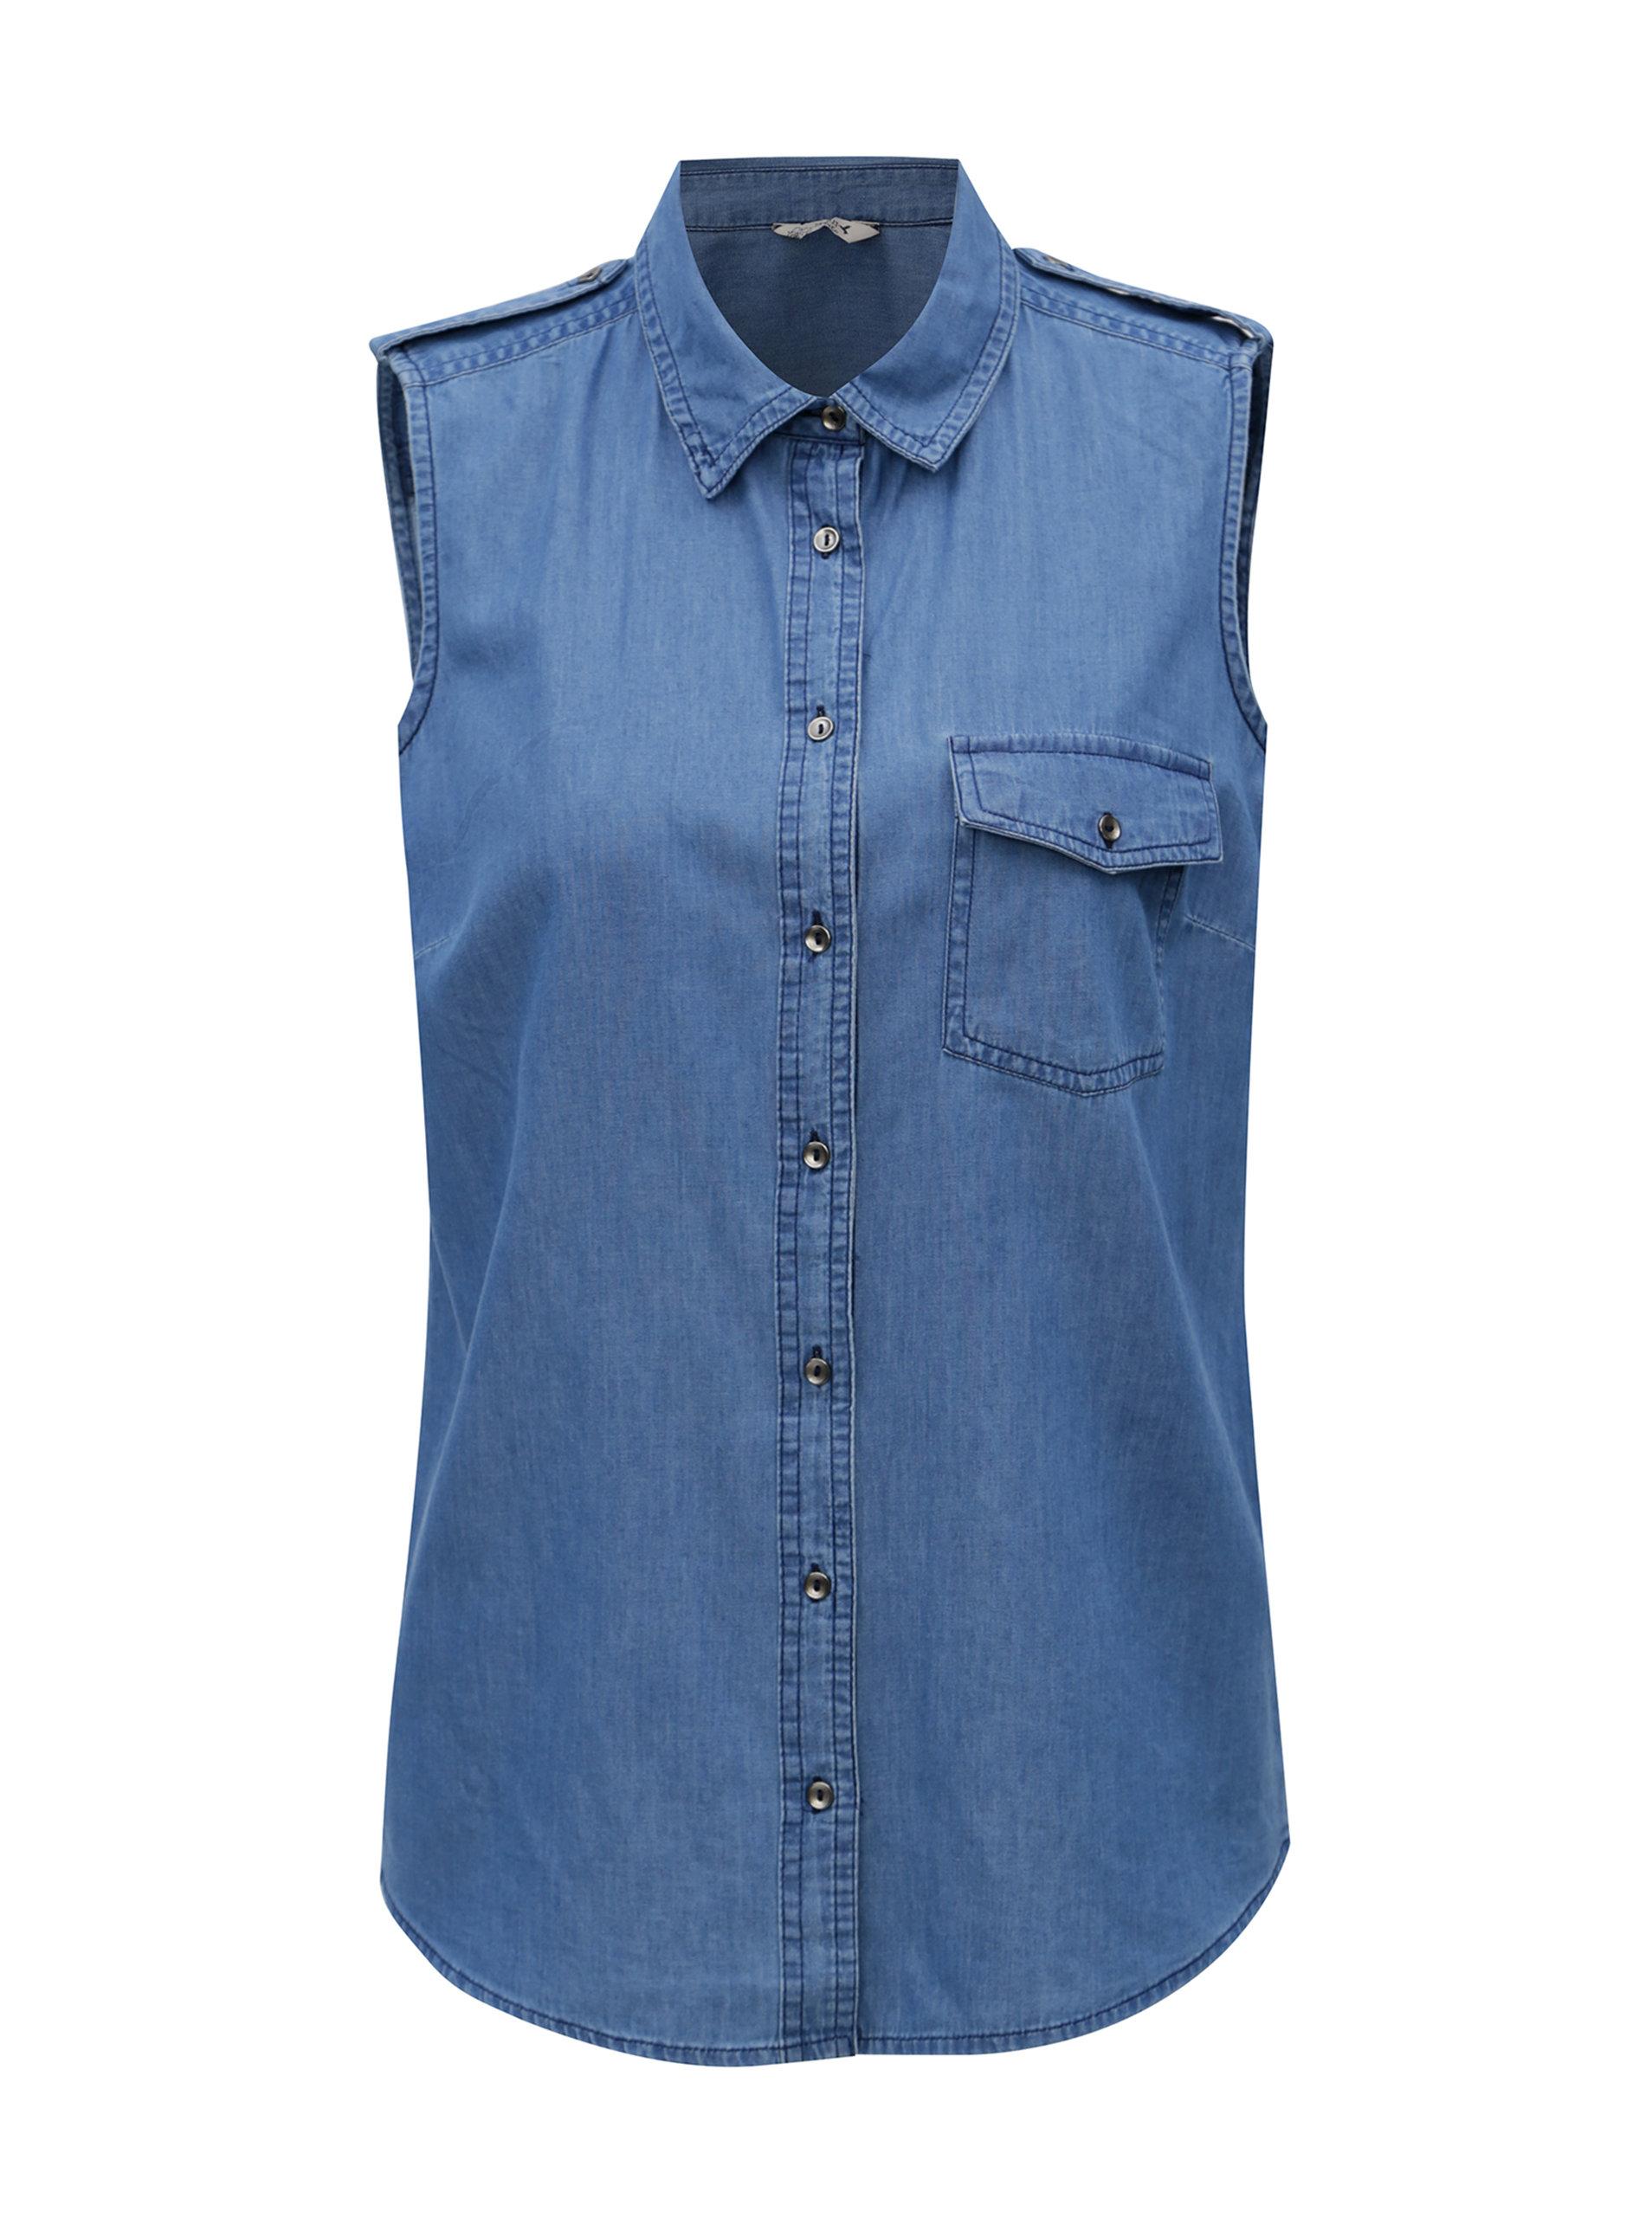 56b237d64eb Modrá dámská džínová košile bez rukávů M Co ...